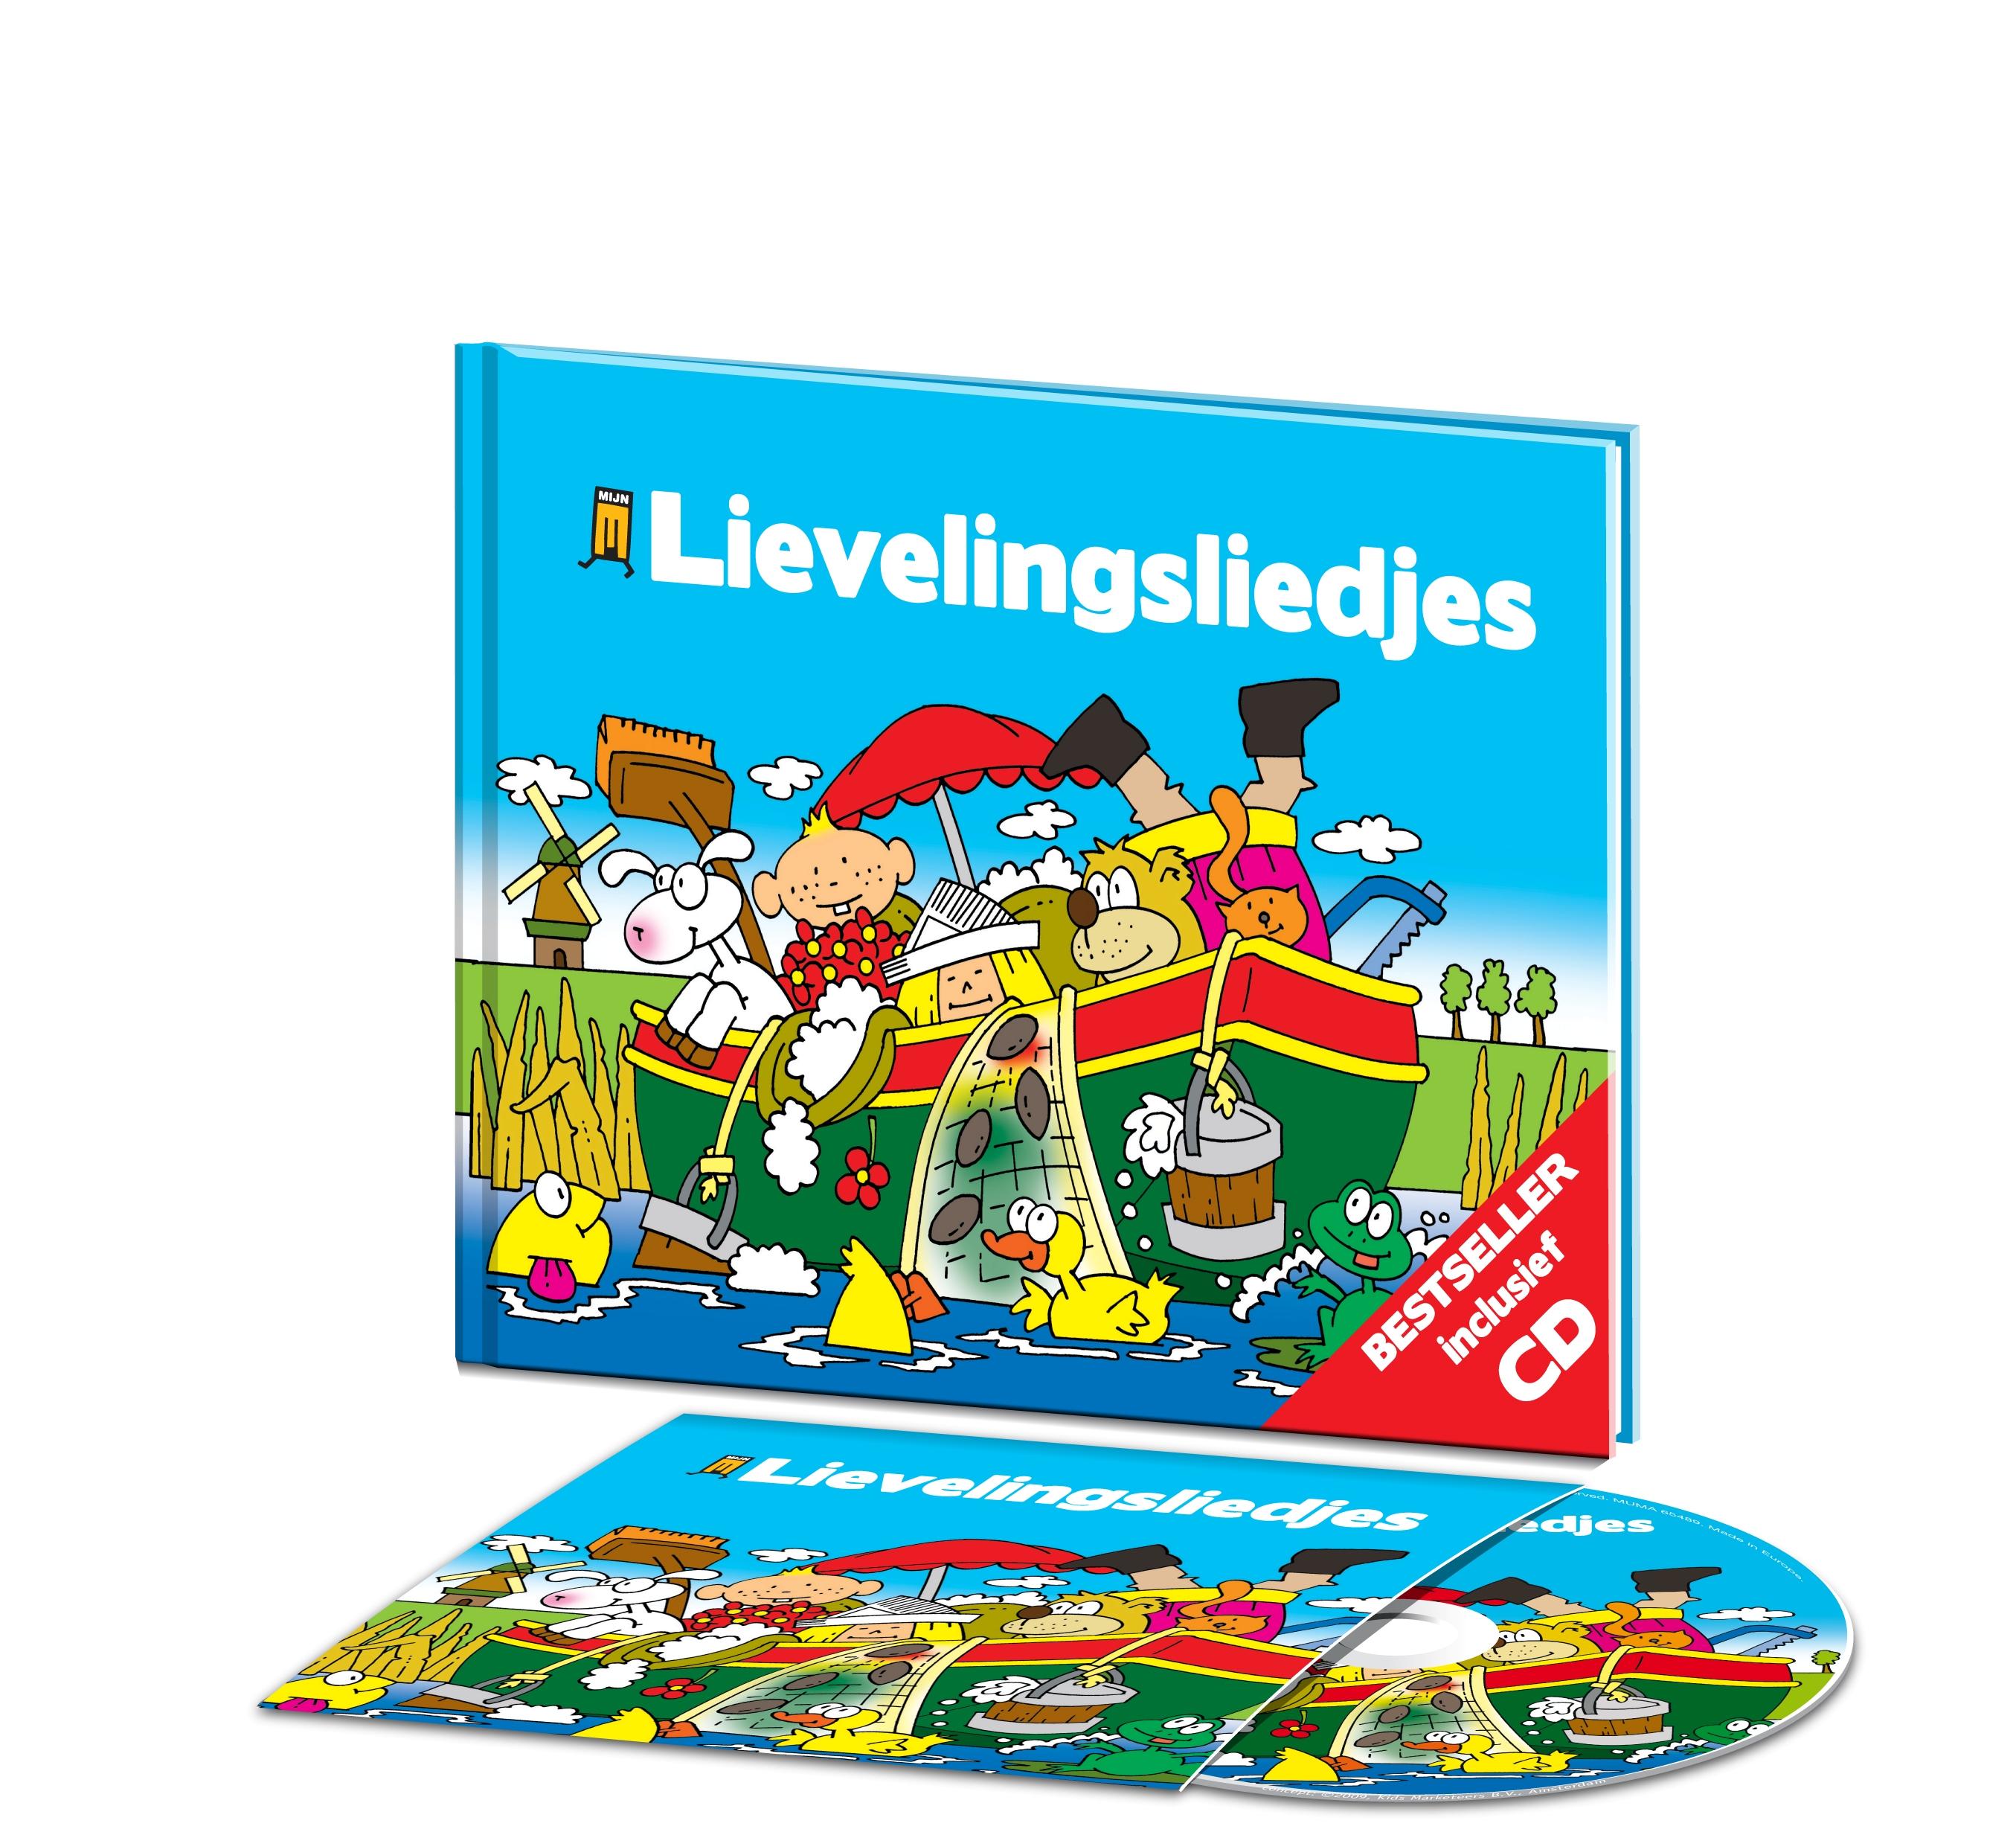 http://www.heimweewinkel.nl/lay/mediaproducten/9789080959217.jpg